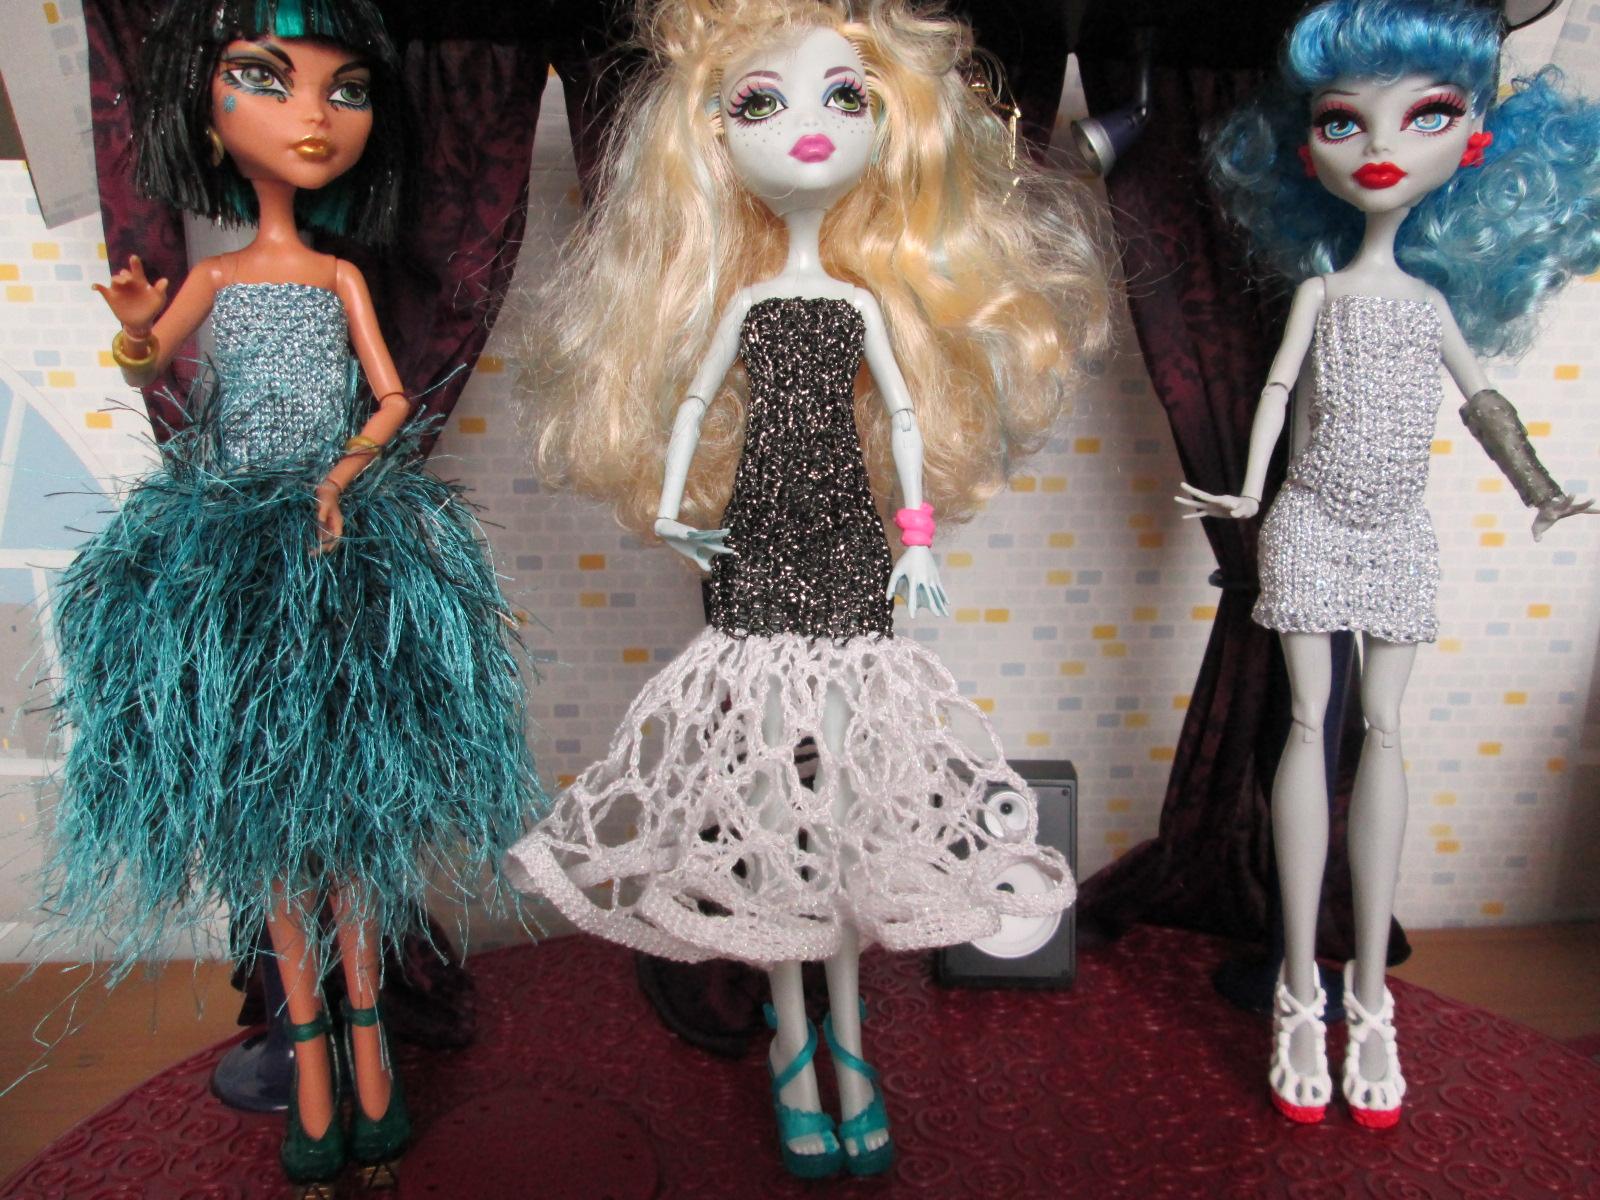 High Monster Pour High Monster Robes Monster Robes Carlycreations Pour Pour Carlycreations Robes qSLUzVGMp